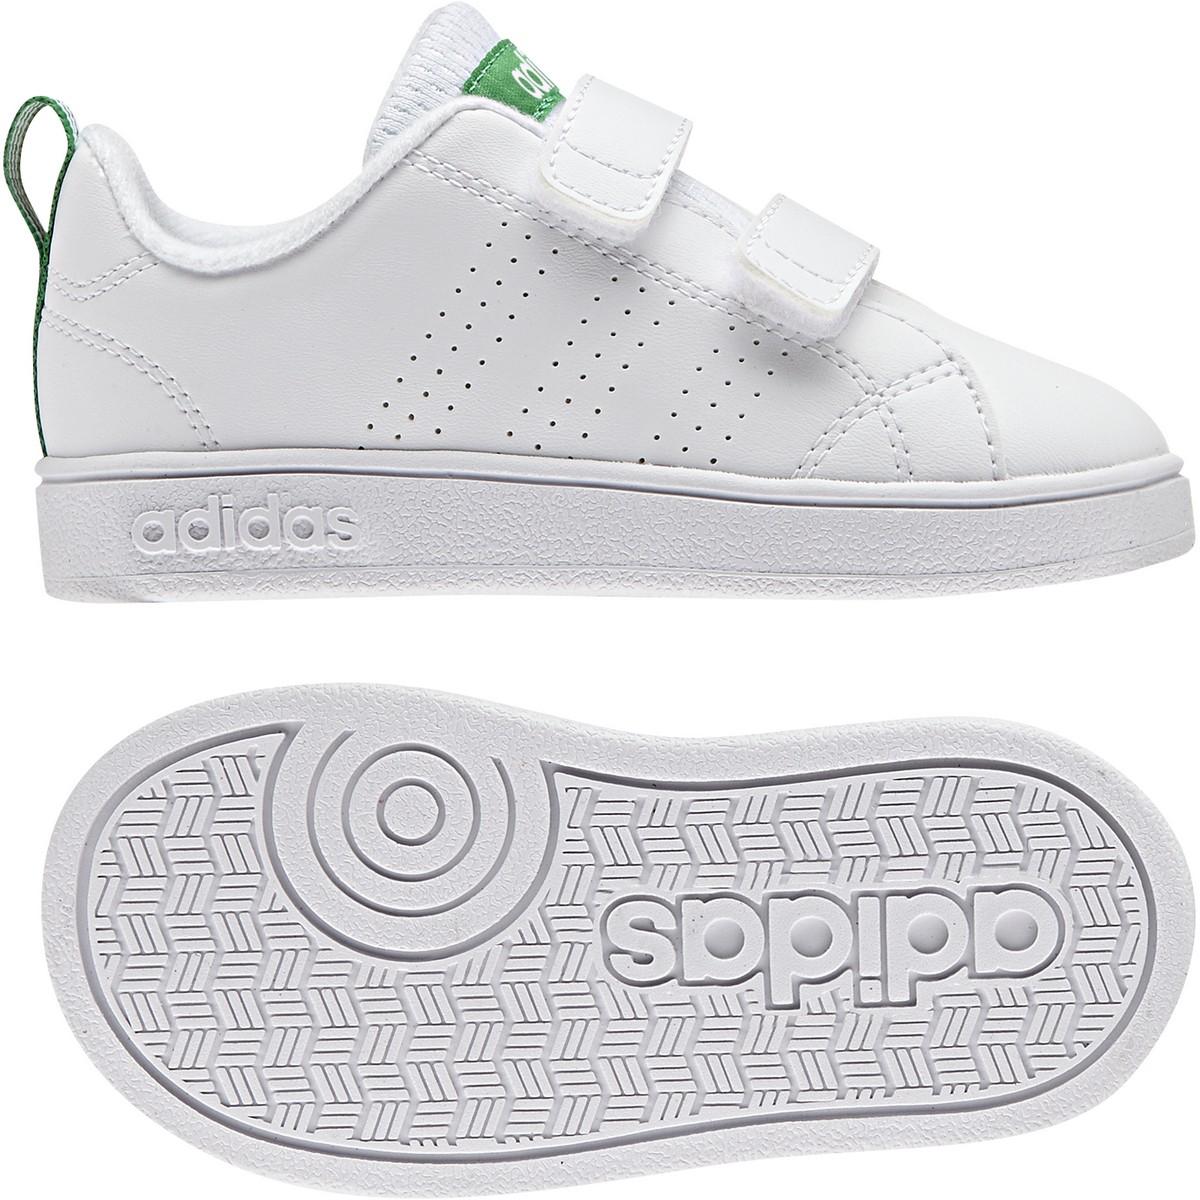 separation shoes 3b404 b874b Sneakers Vs Scarpe Infant Adidas Neo Advantage Bv7wntqx